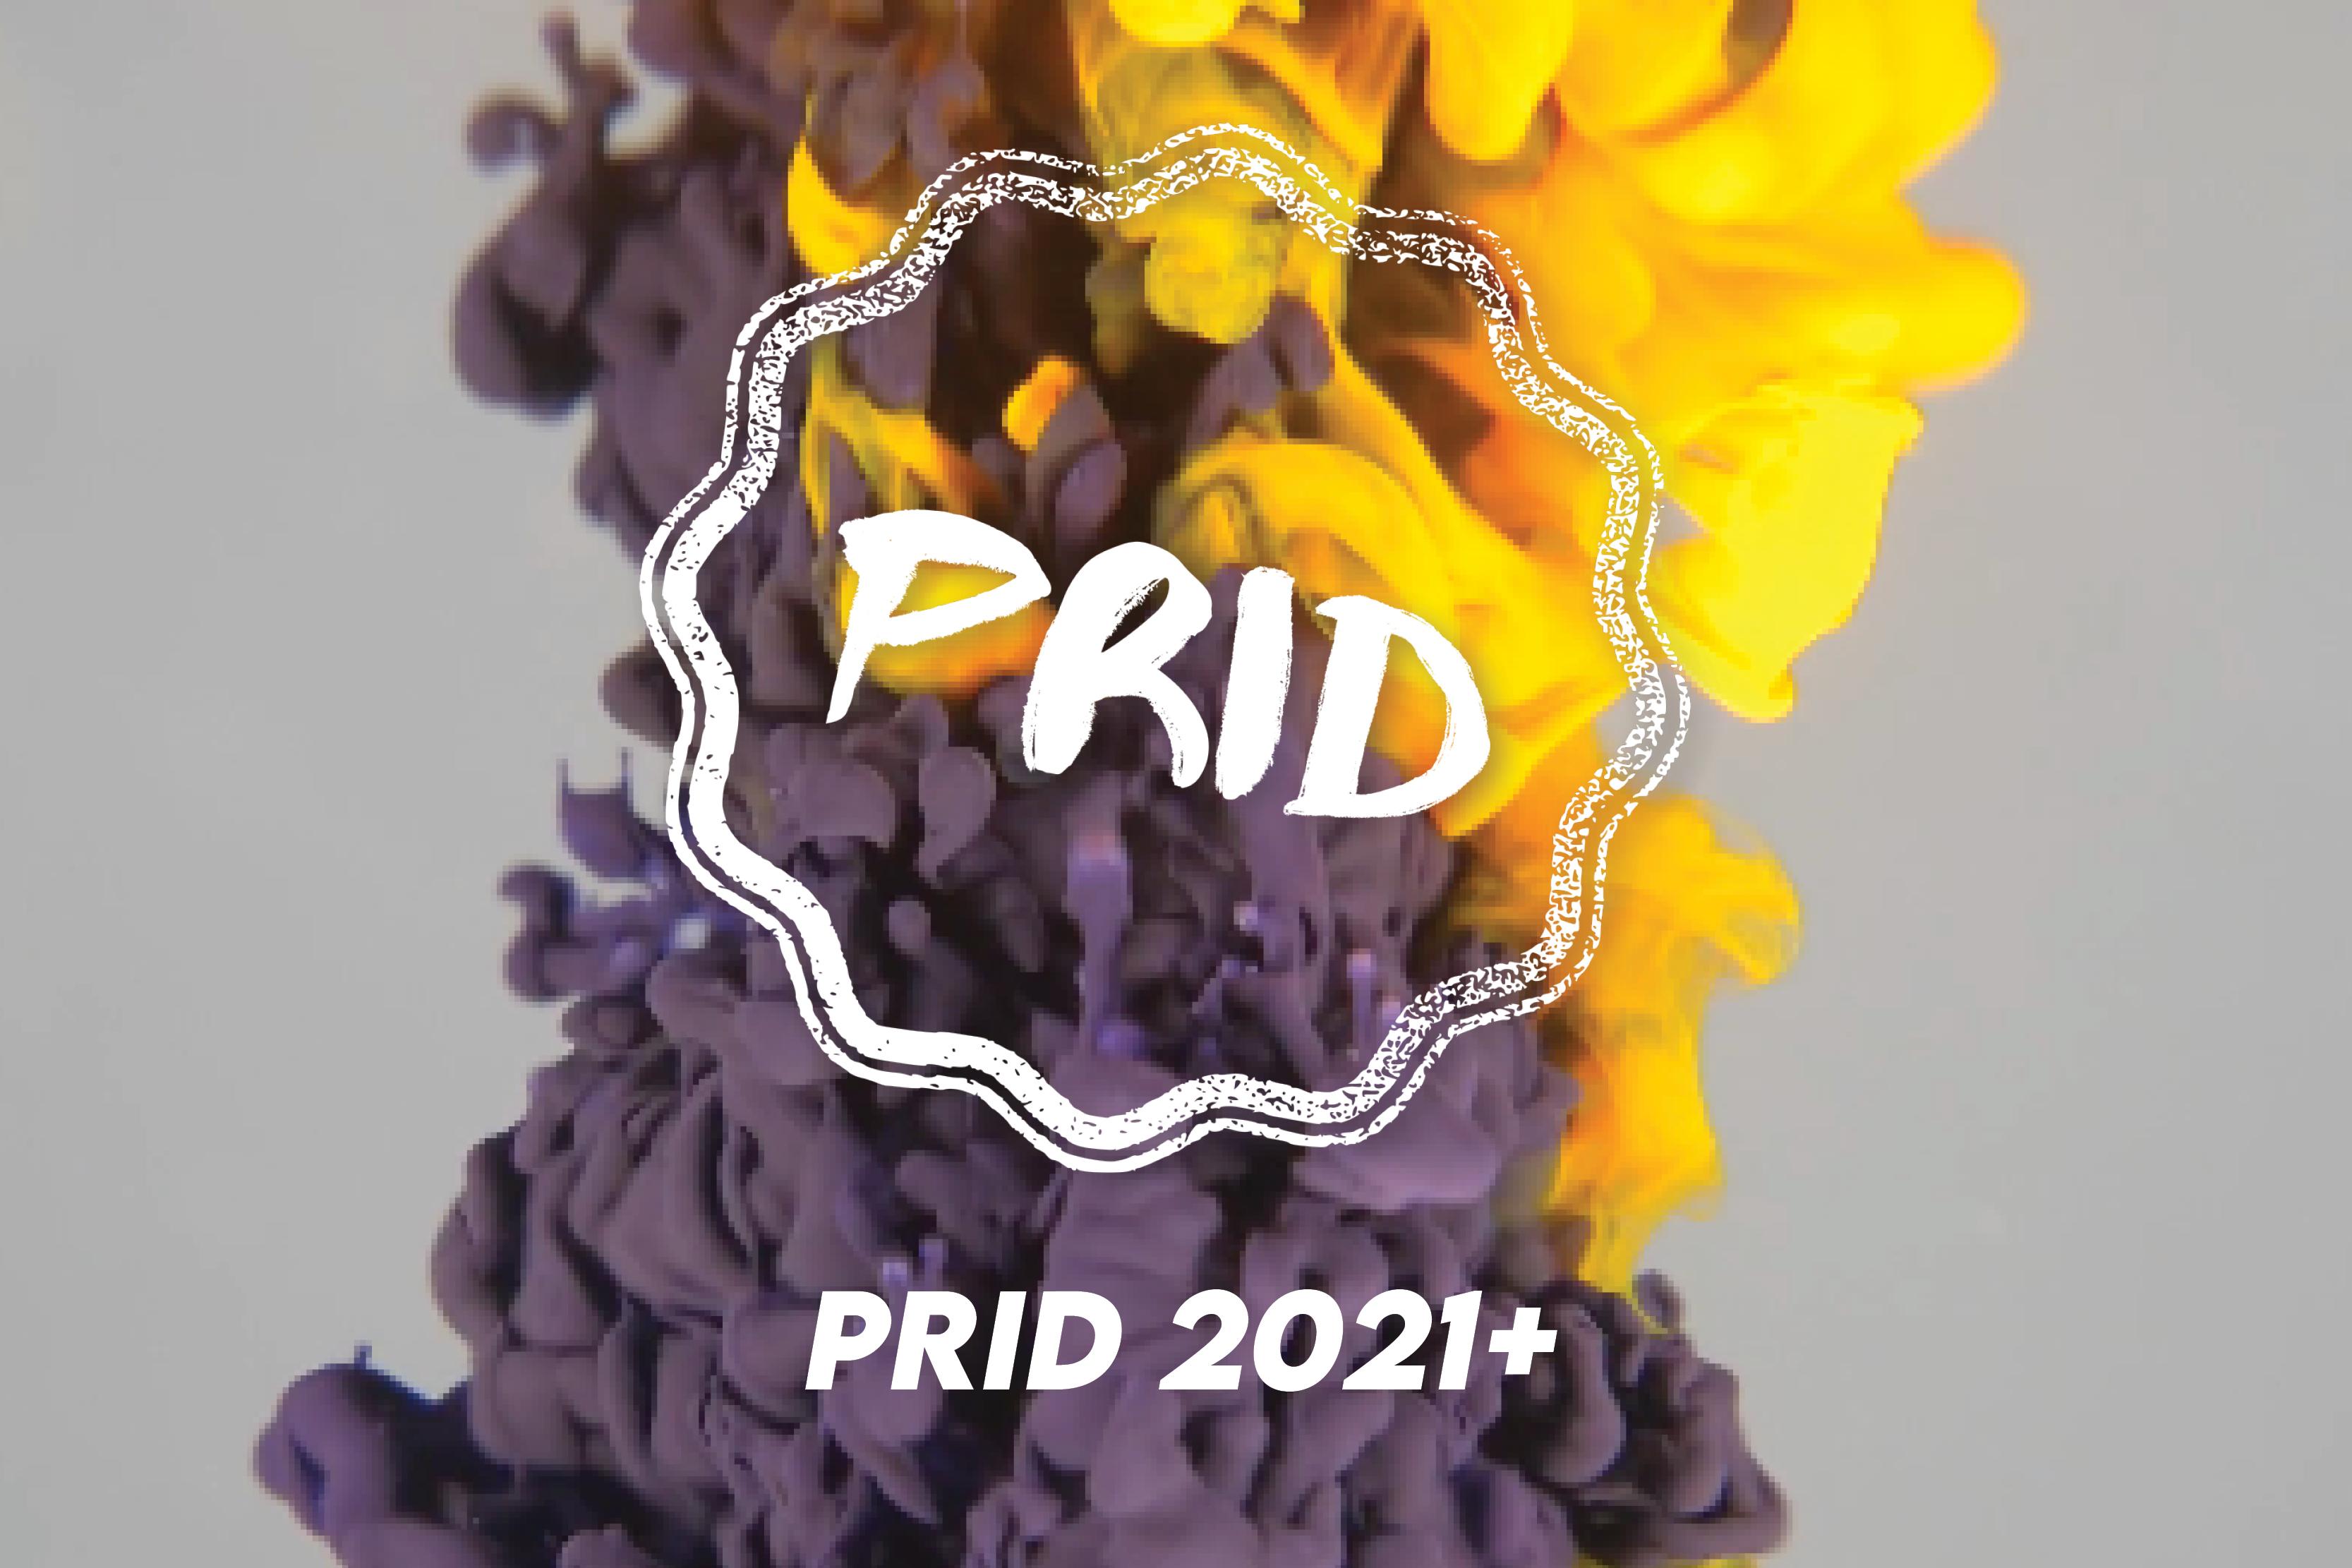 imagem de tinta a difundir-se com a inscrição «PRID 2021 mais»